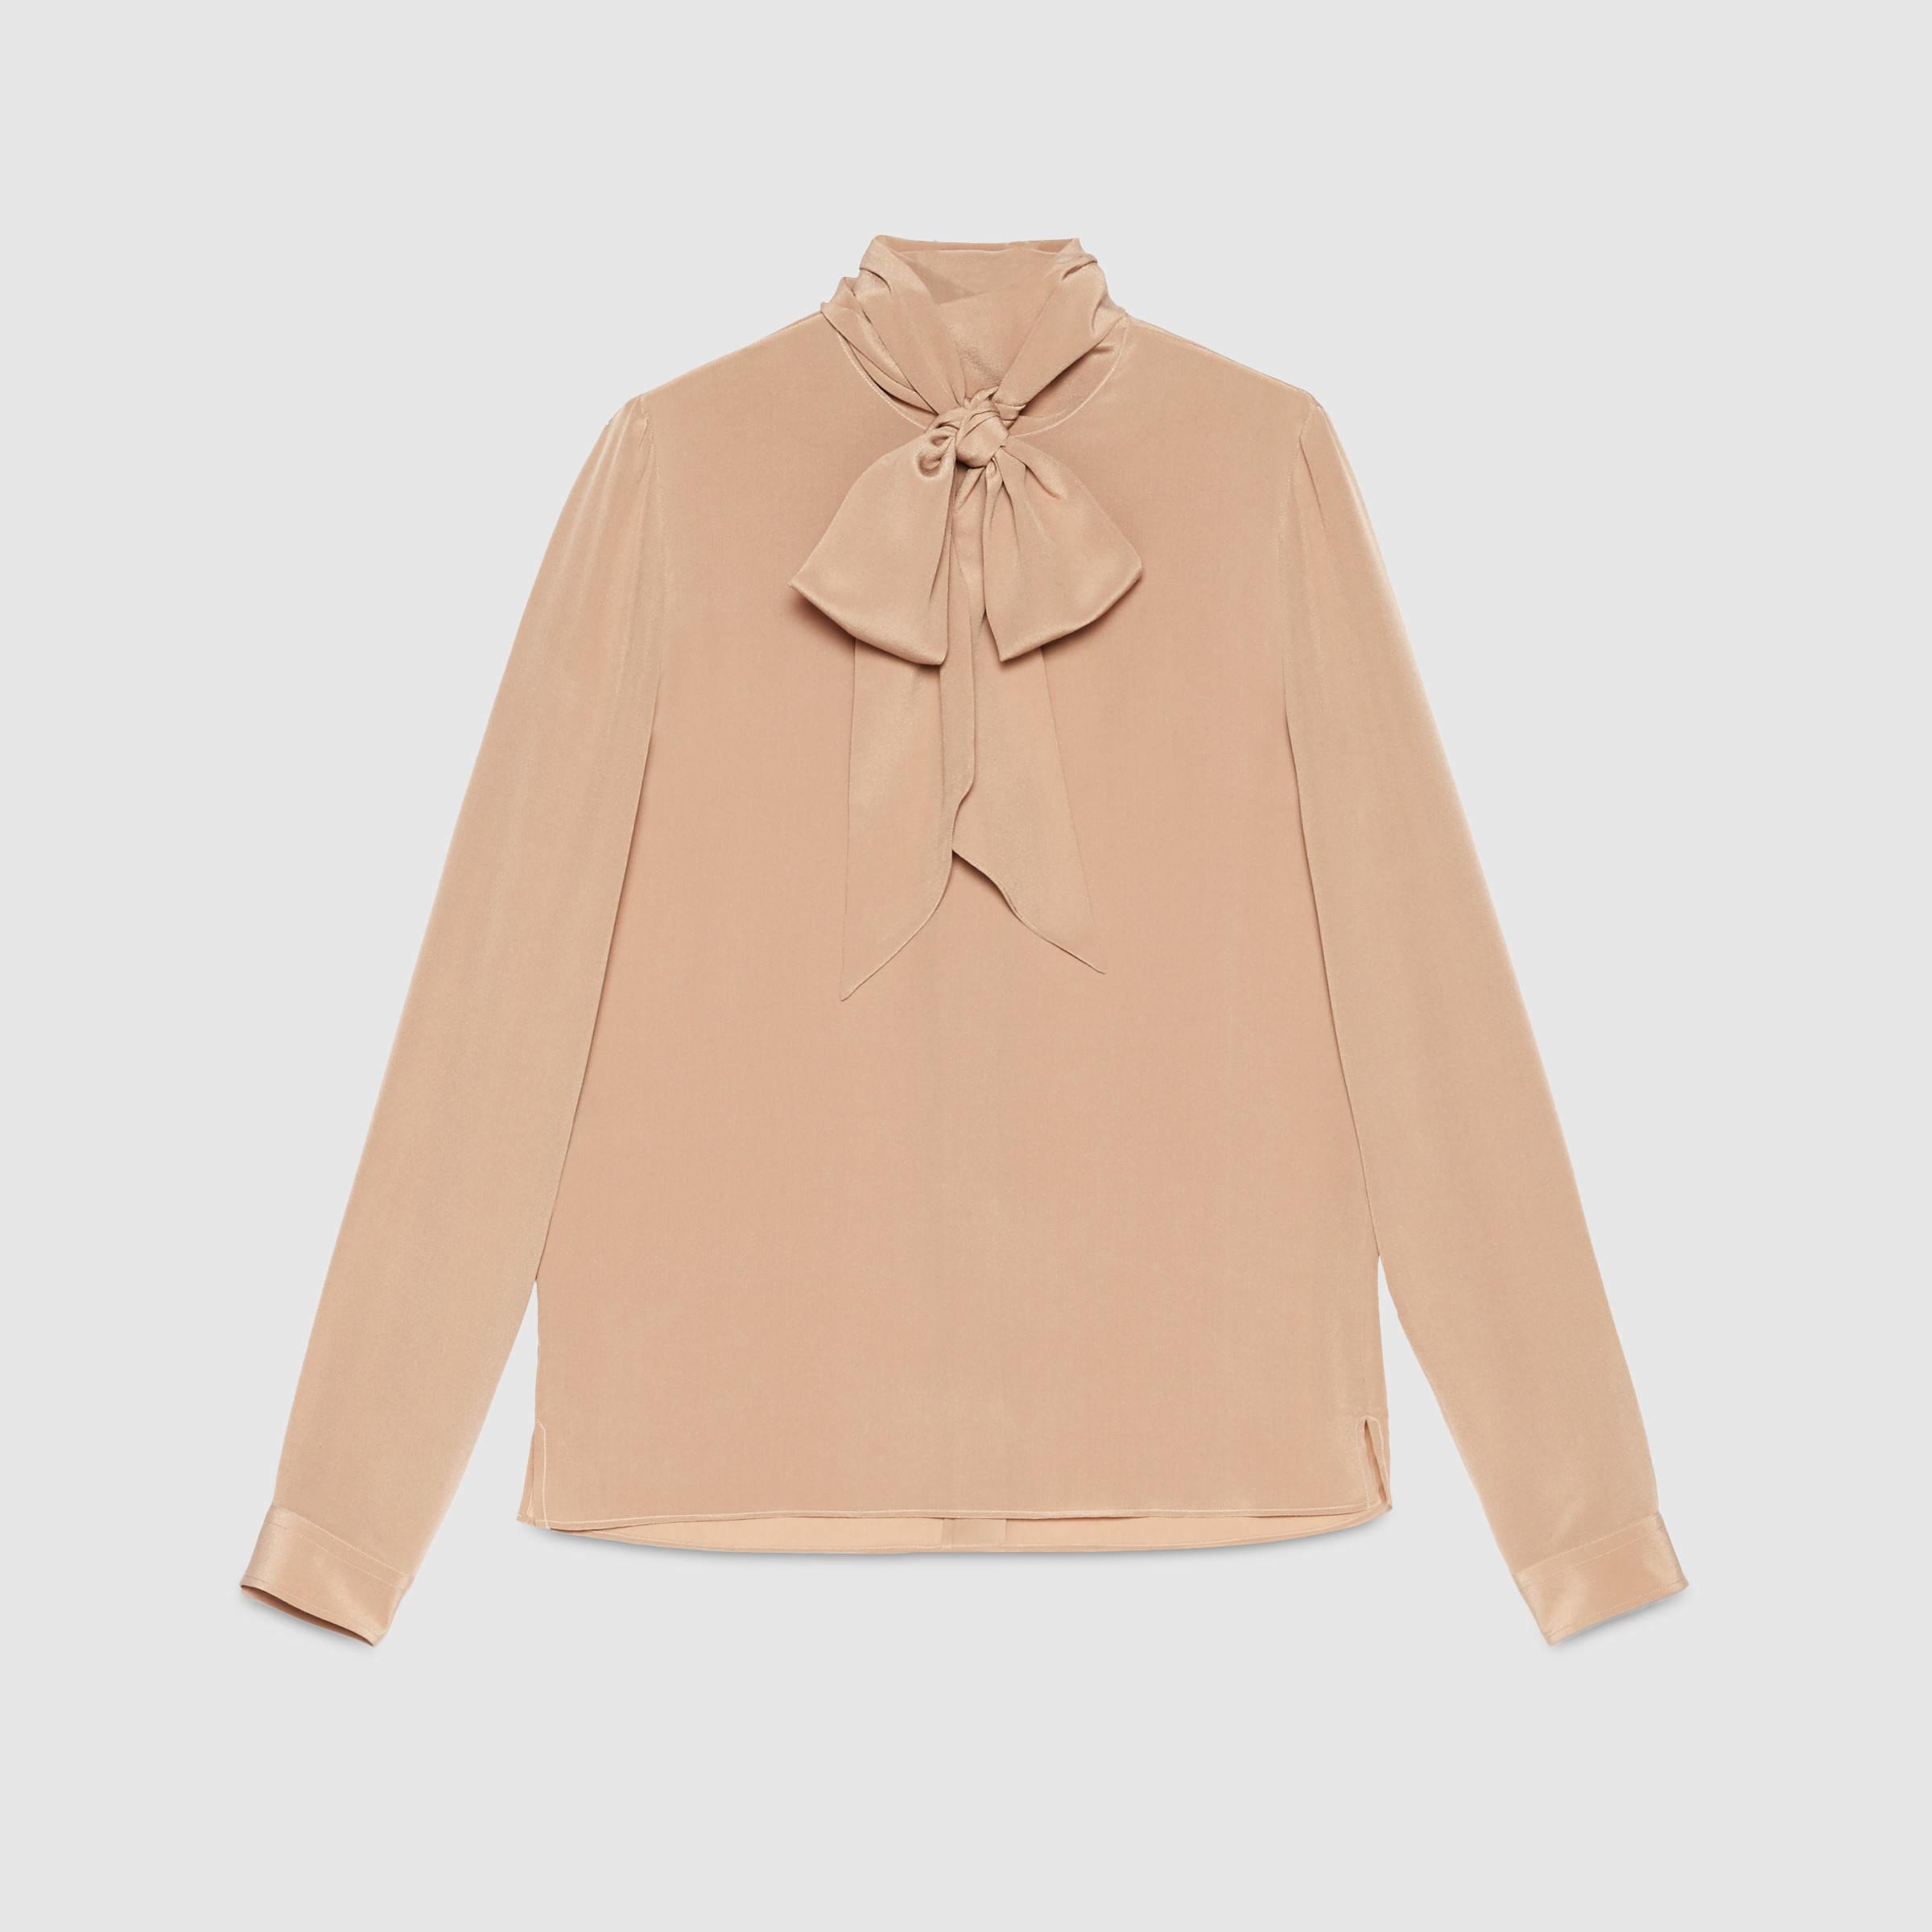 a2136e7225b03e Gallery. Women s Selfridges Sale Men s Chambray Shirts ...